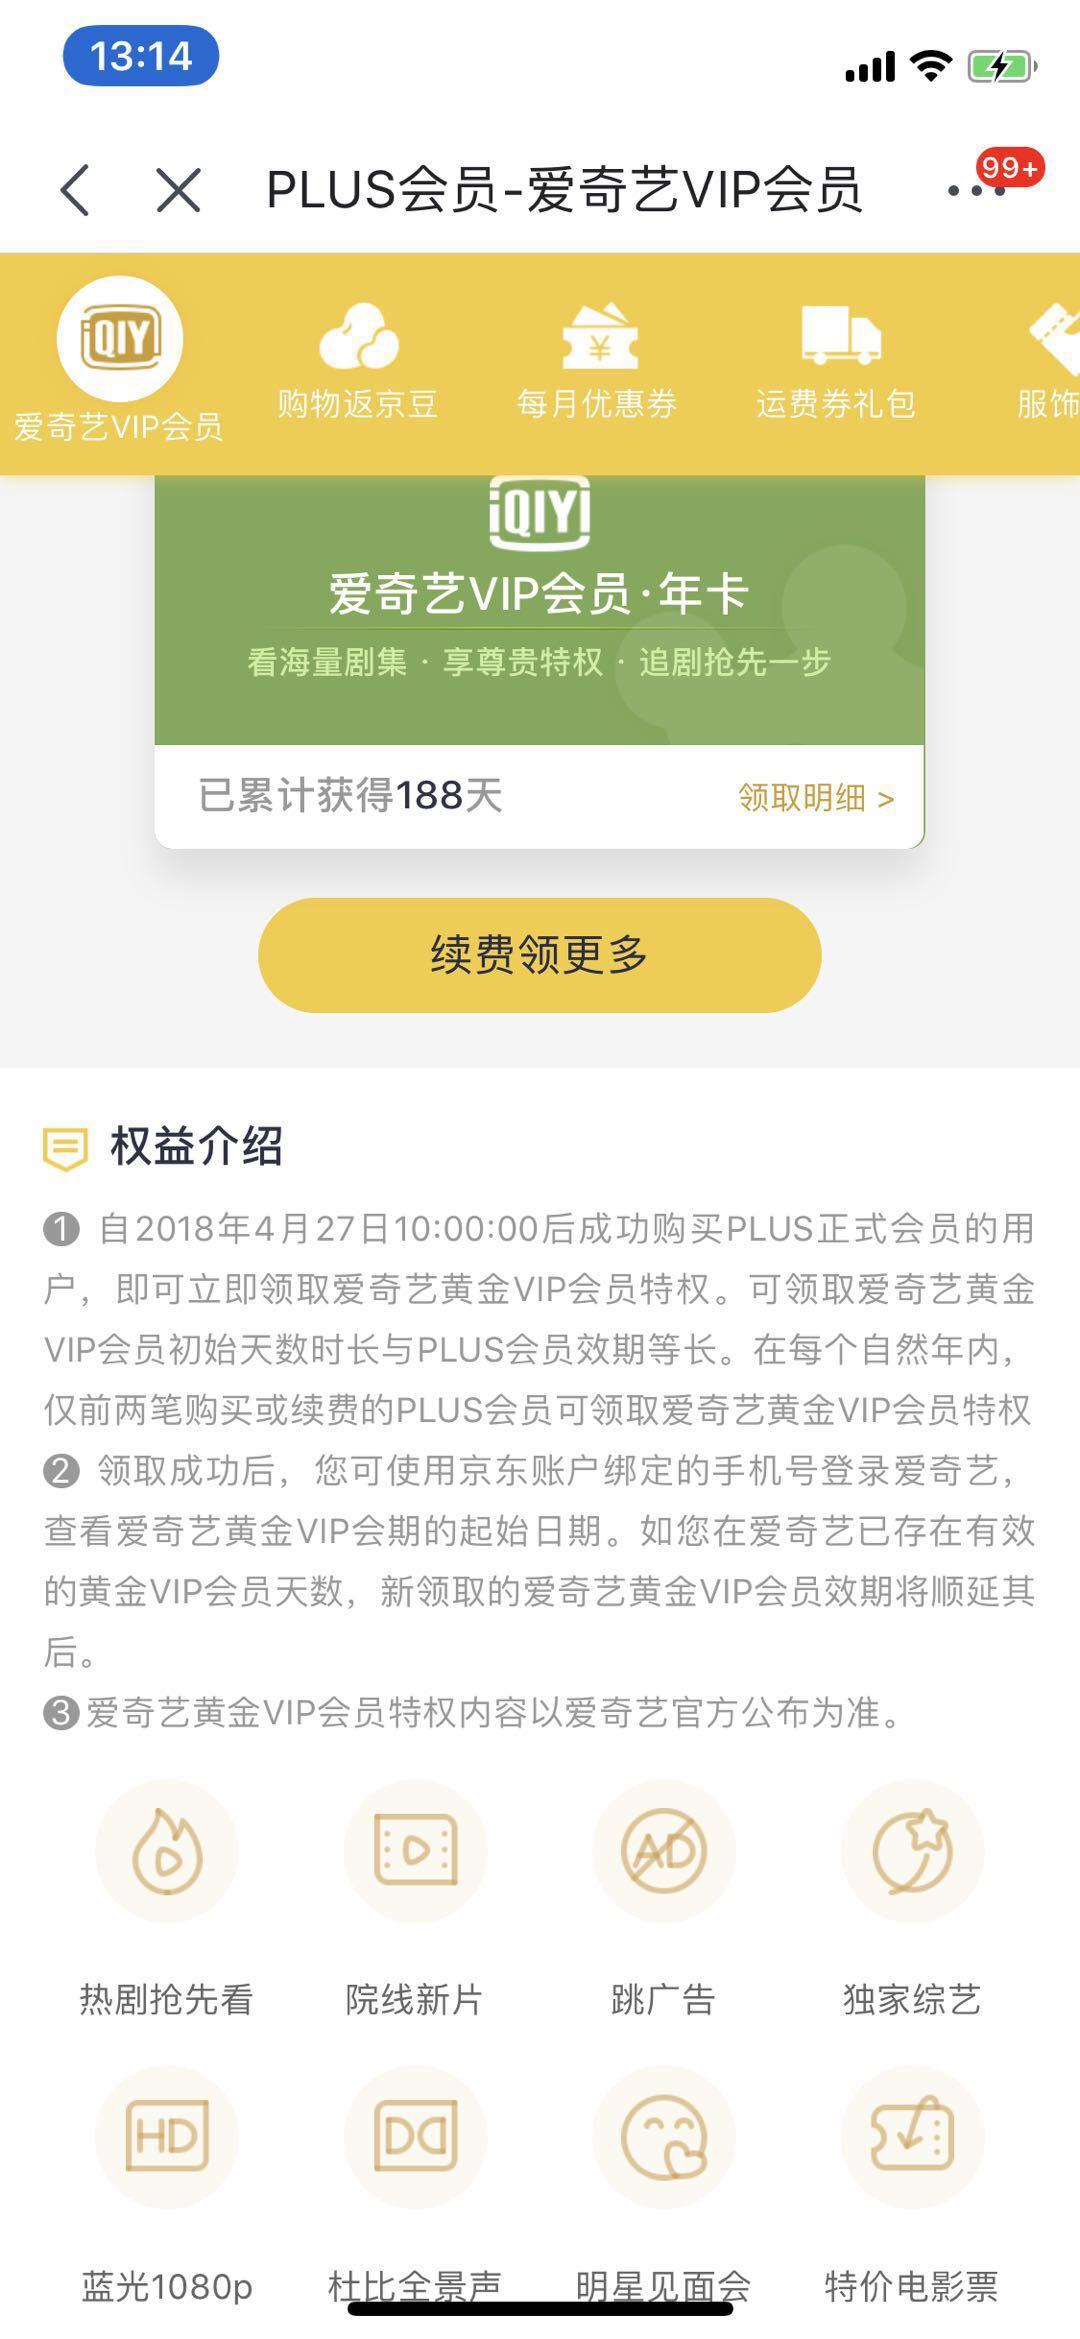 合纵连横 京东PLUS用户最高可领全年爱奇艺会员权益